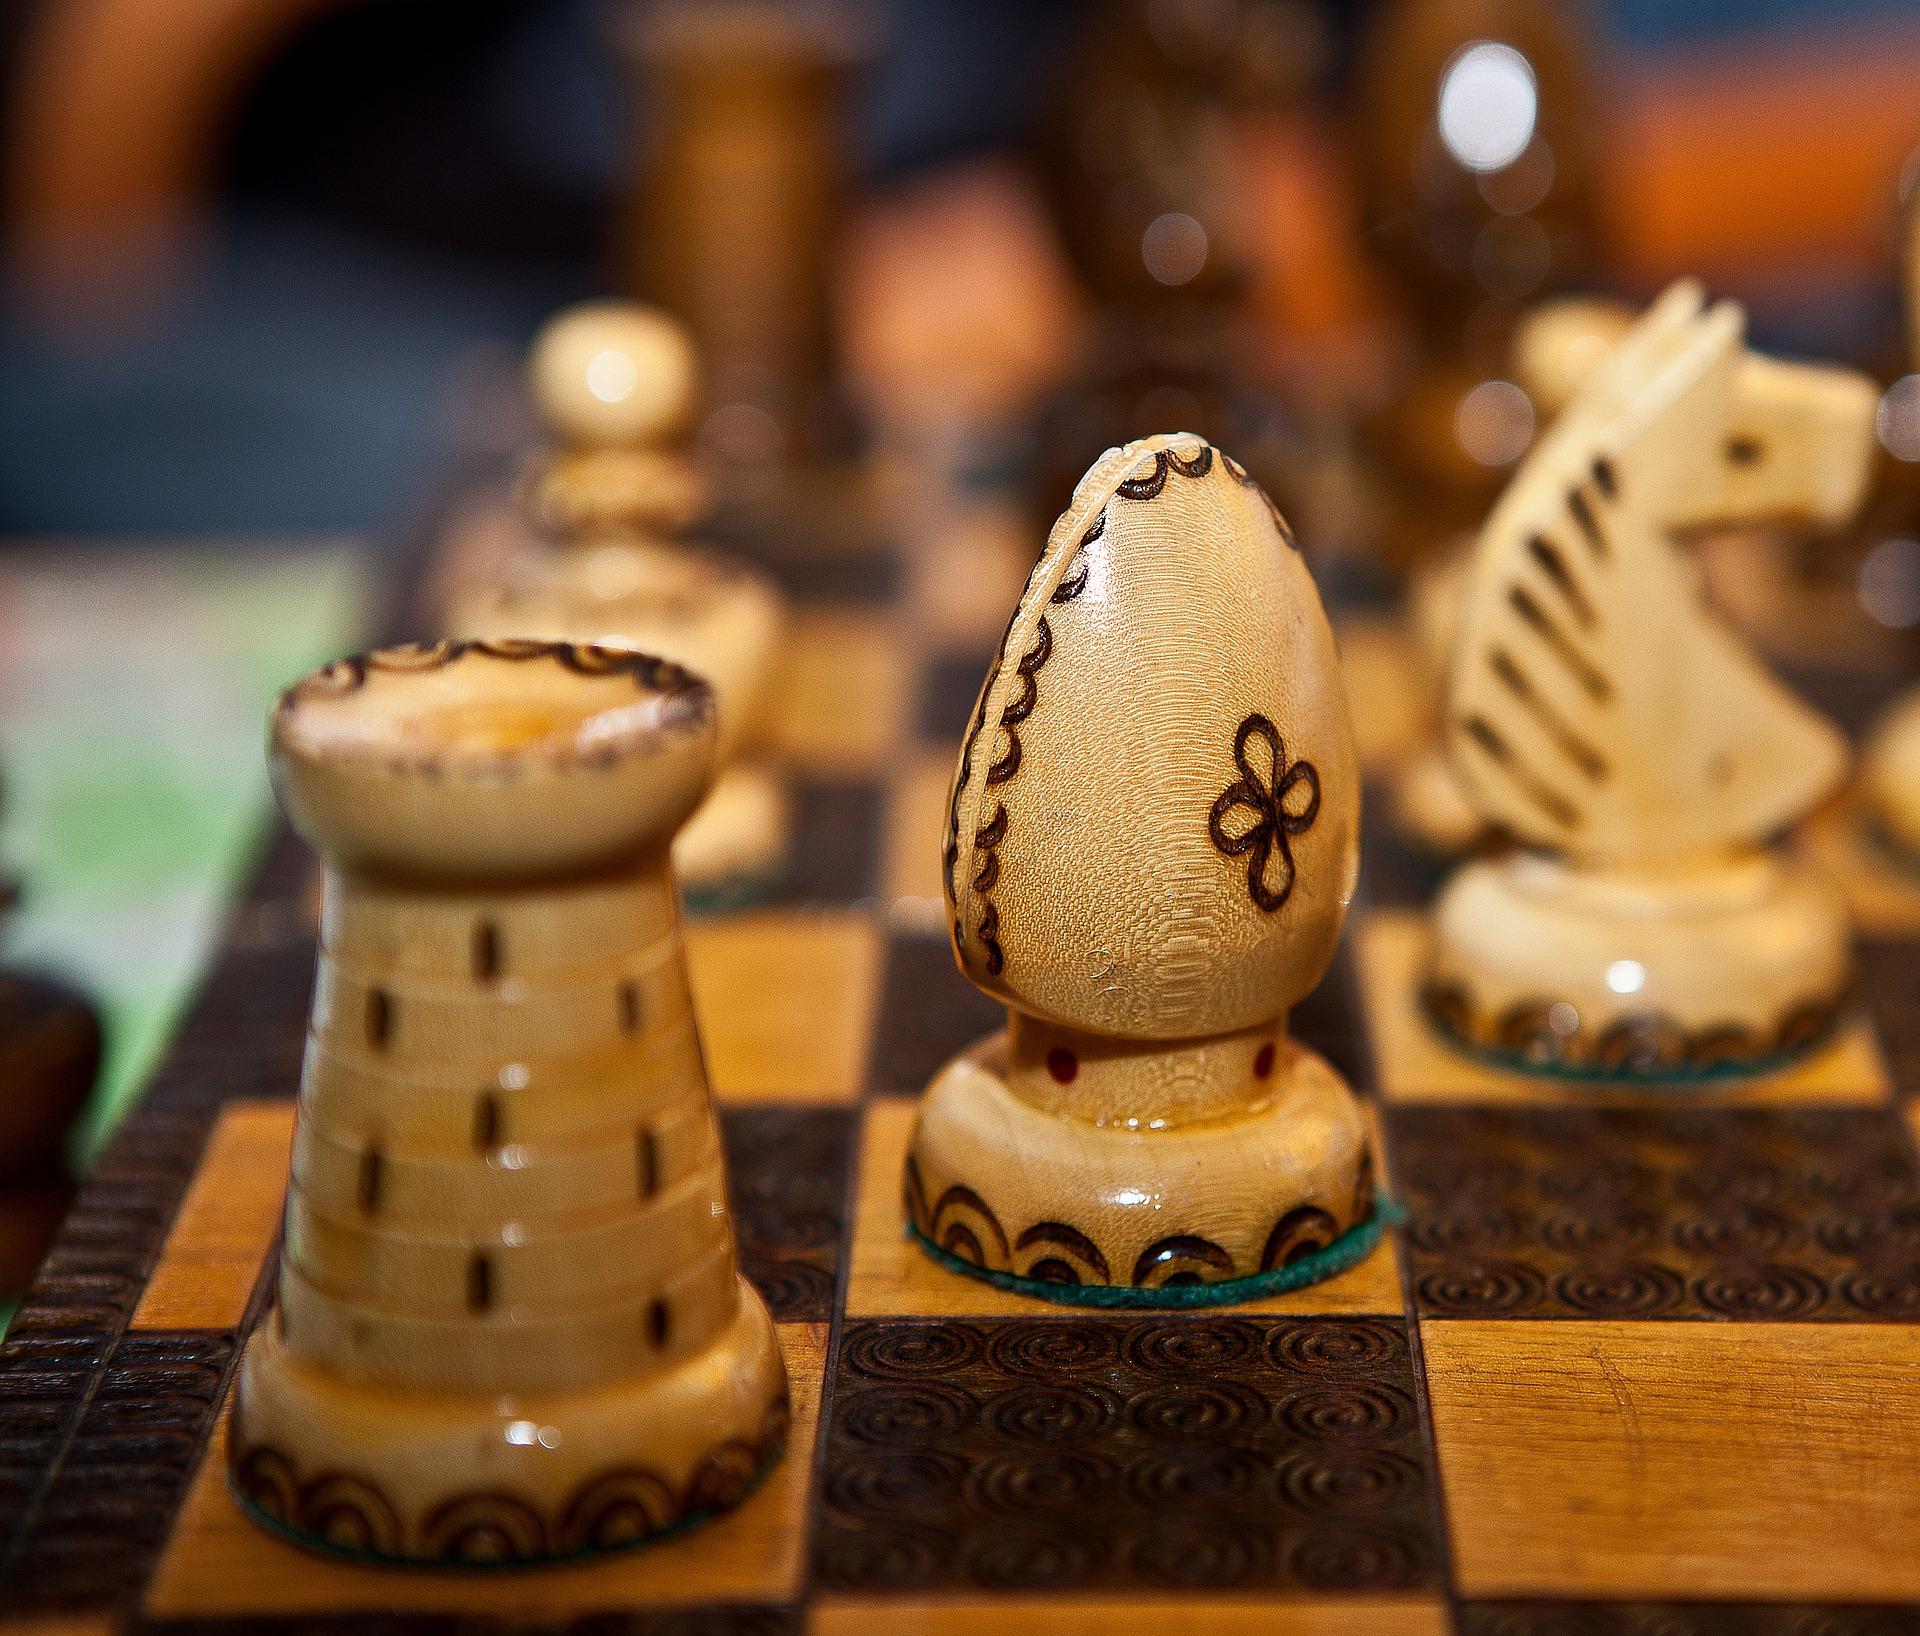 szachy wieża goniec skoczek pionek szachownica